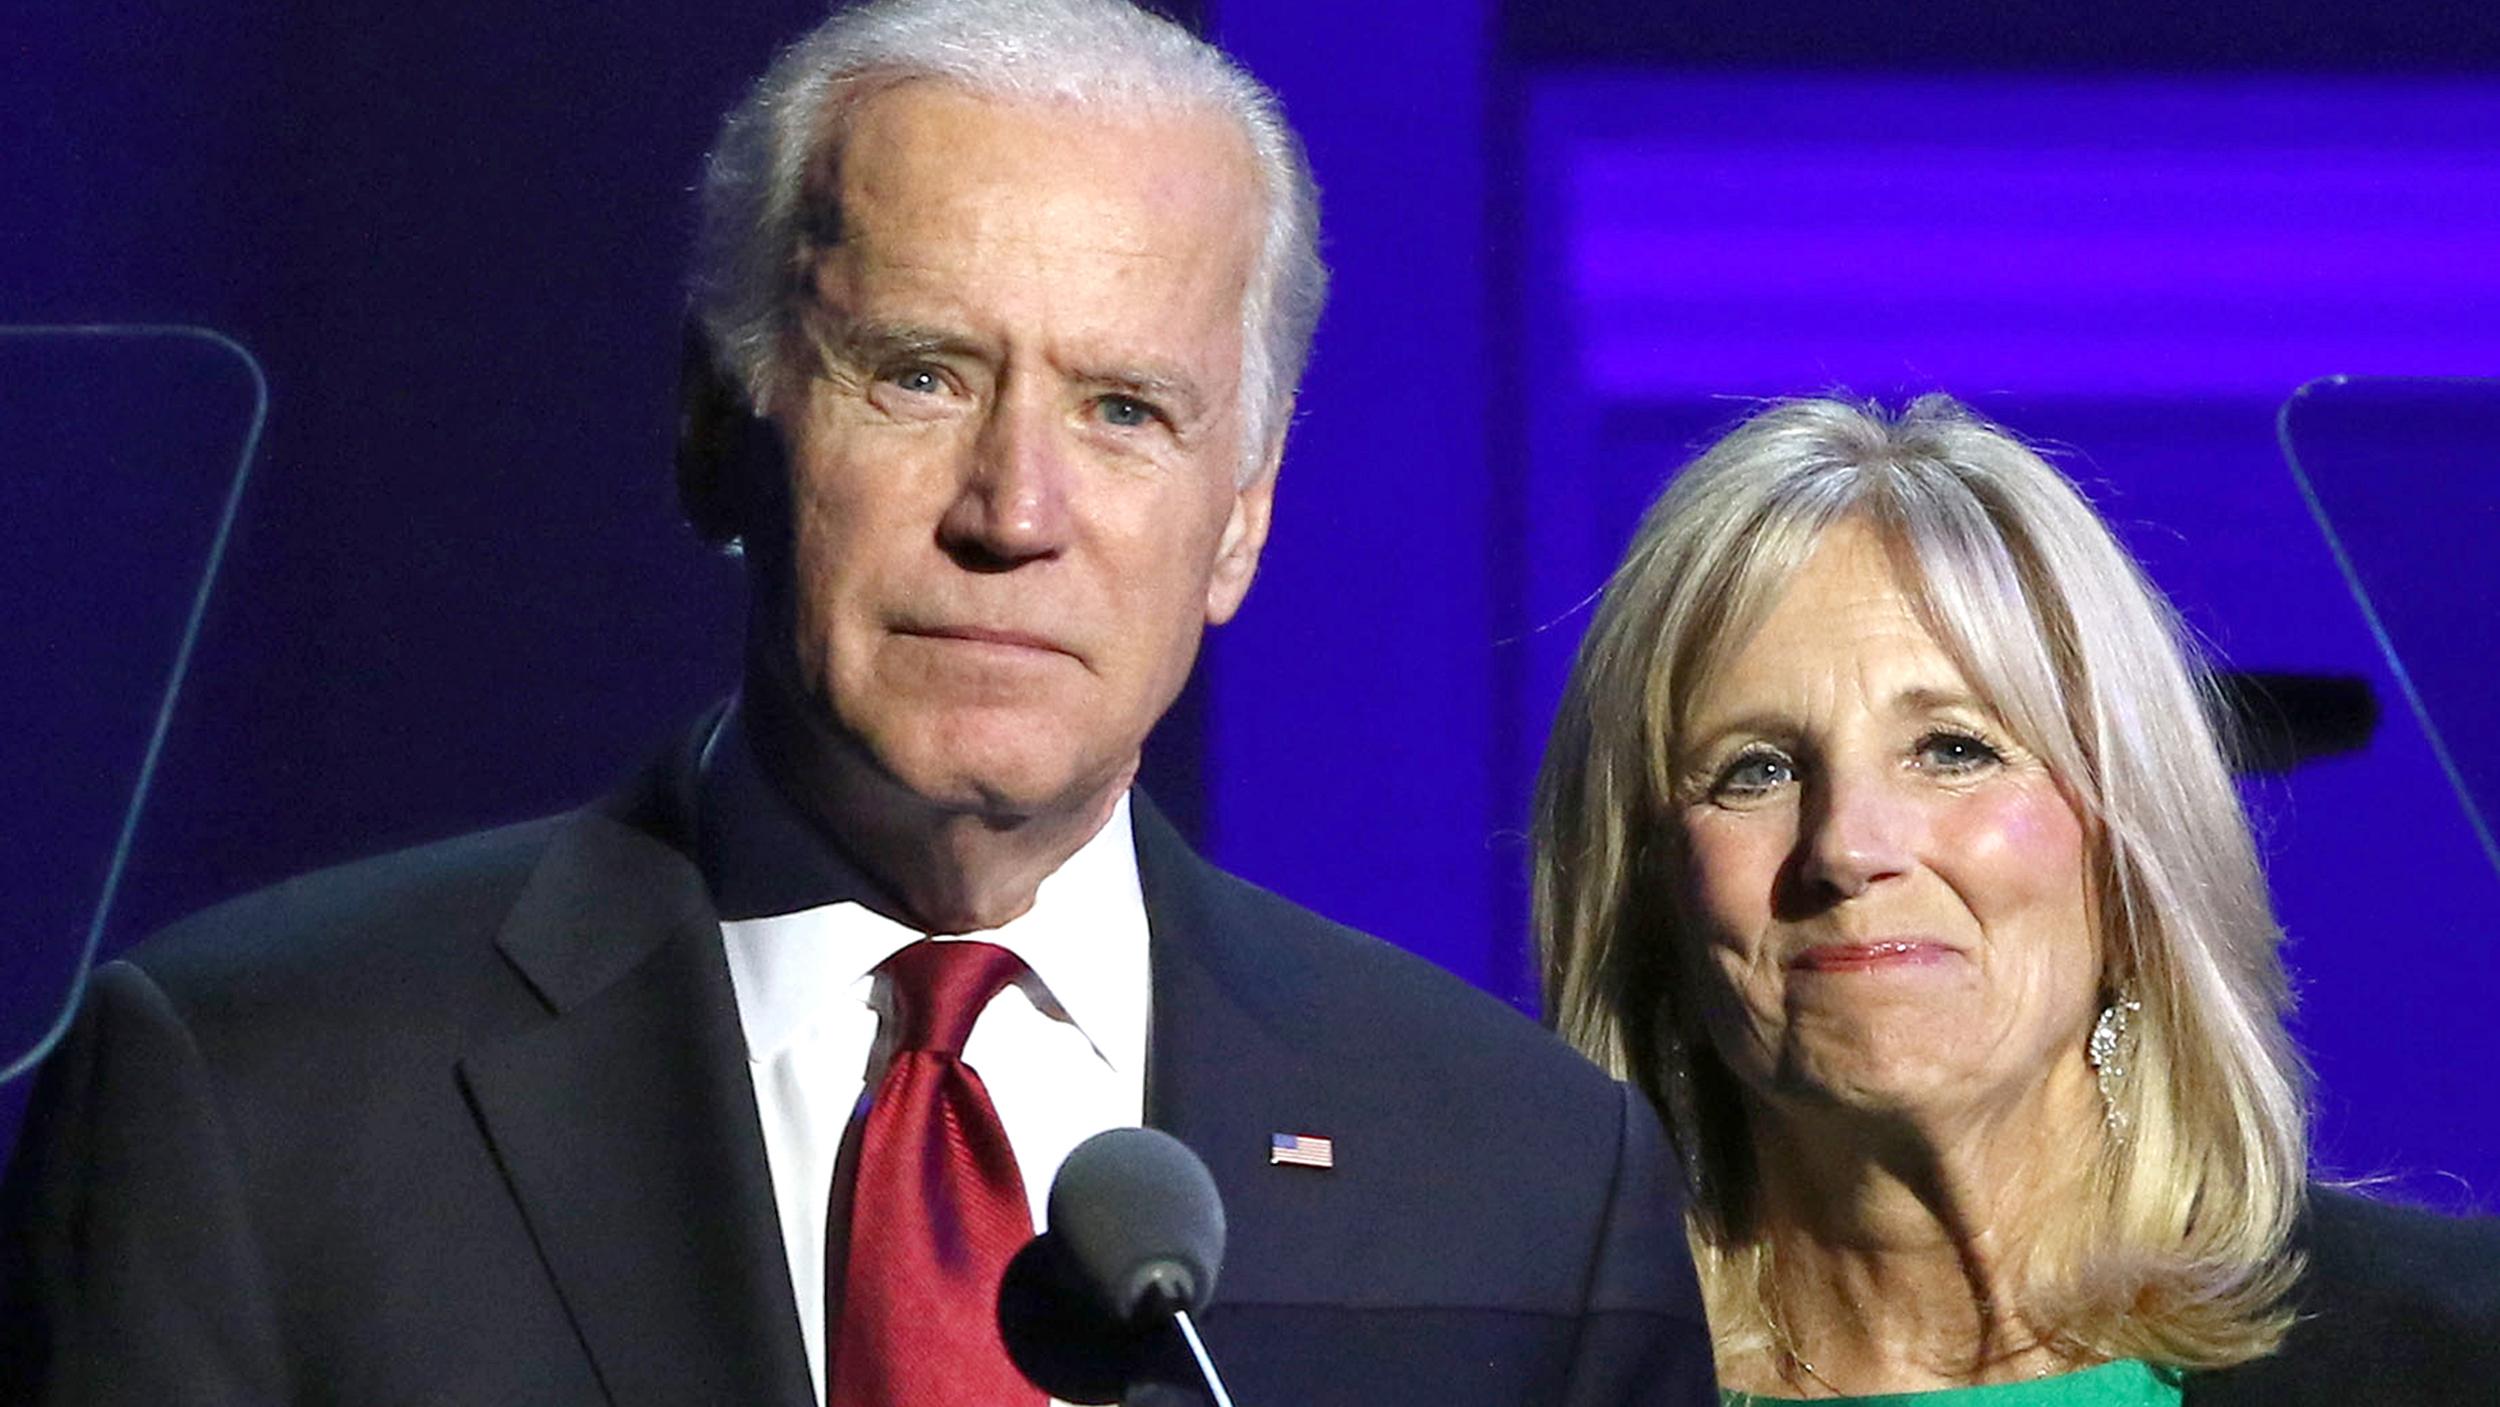 Joe Biden First Wife Accident